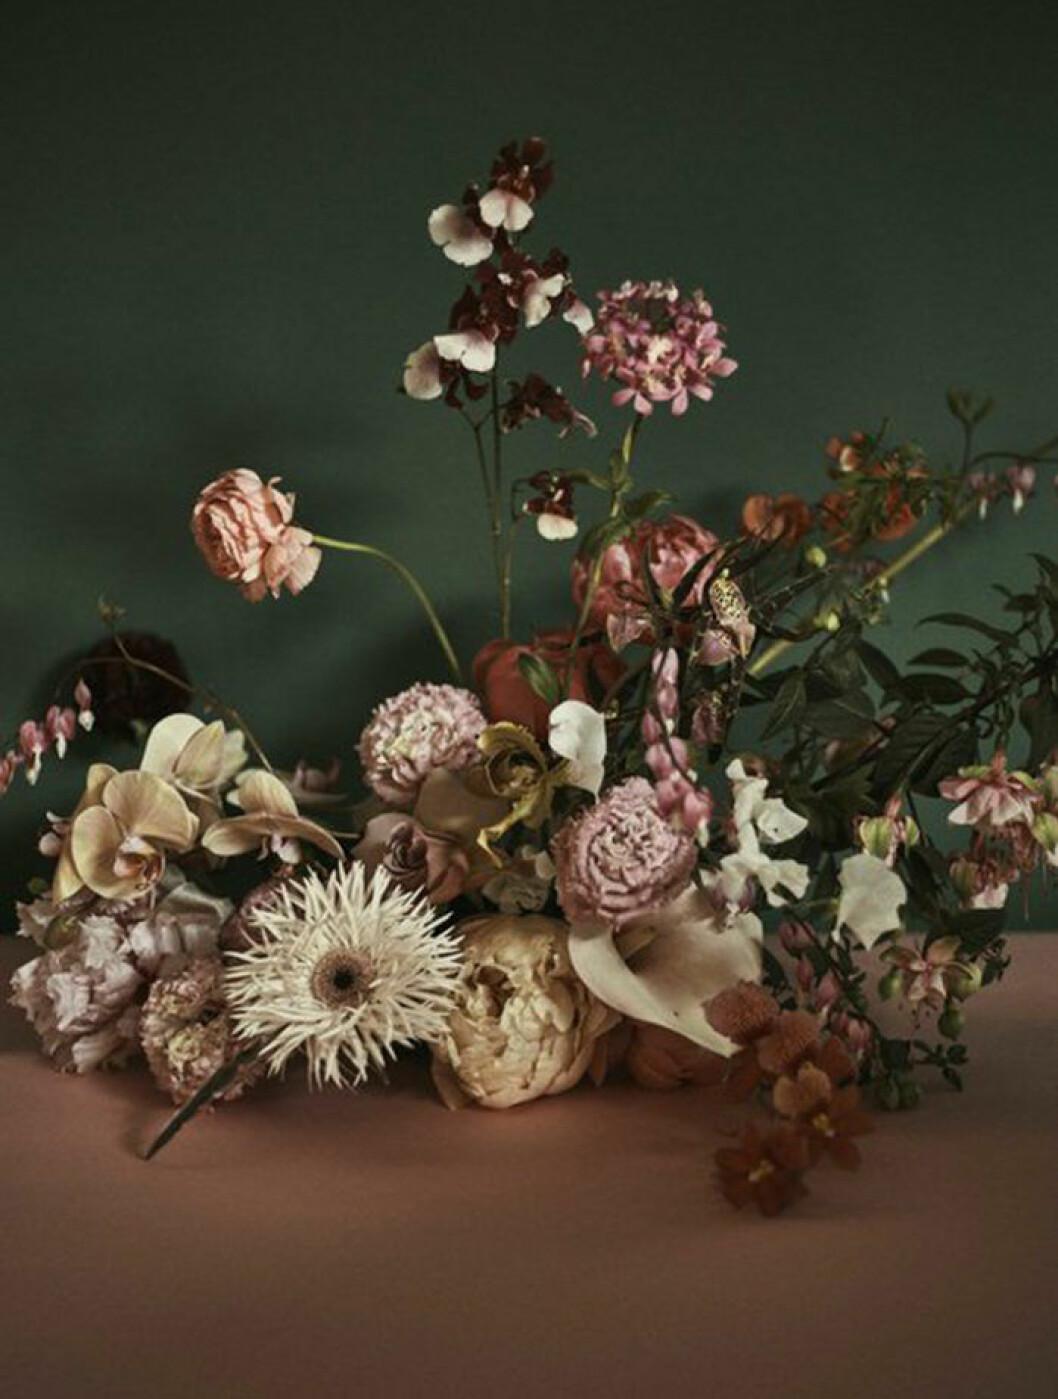 Dova färger bland blommor i höst